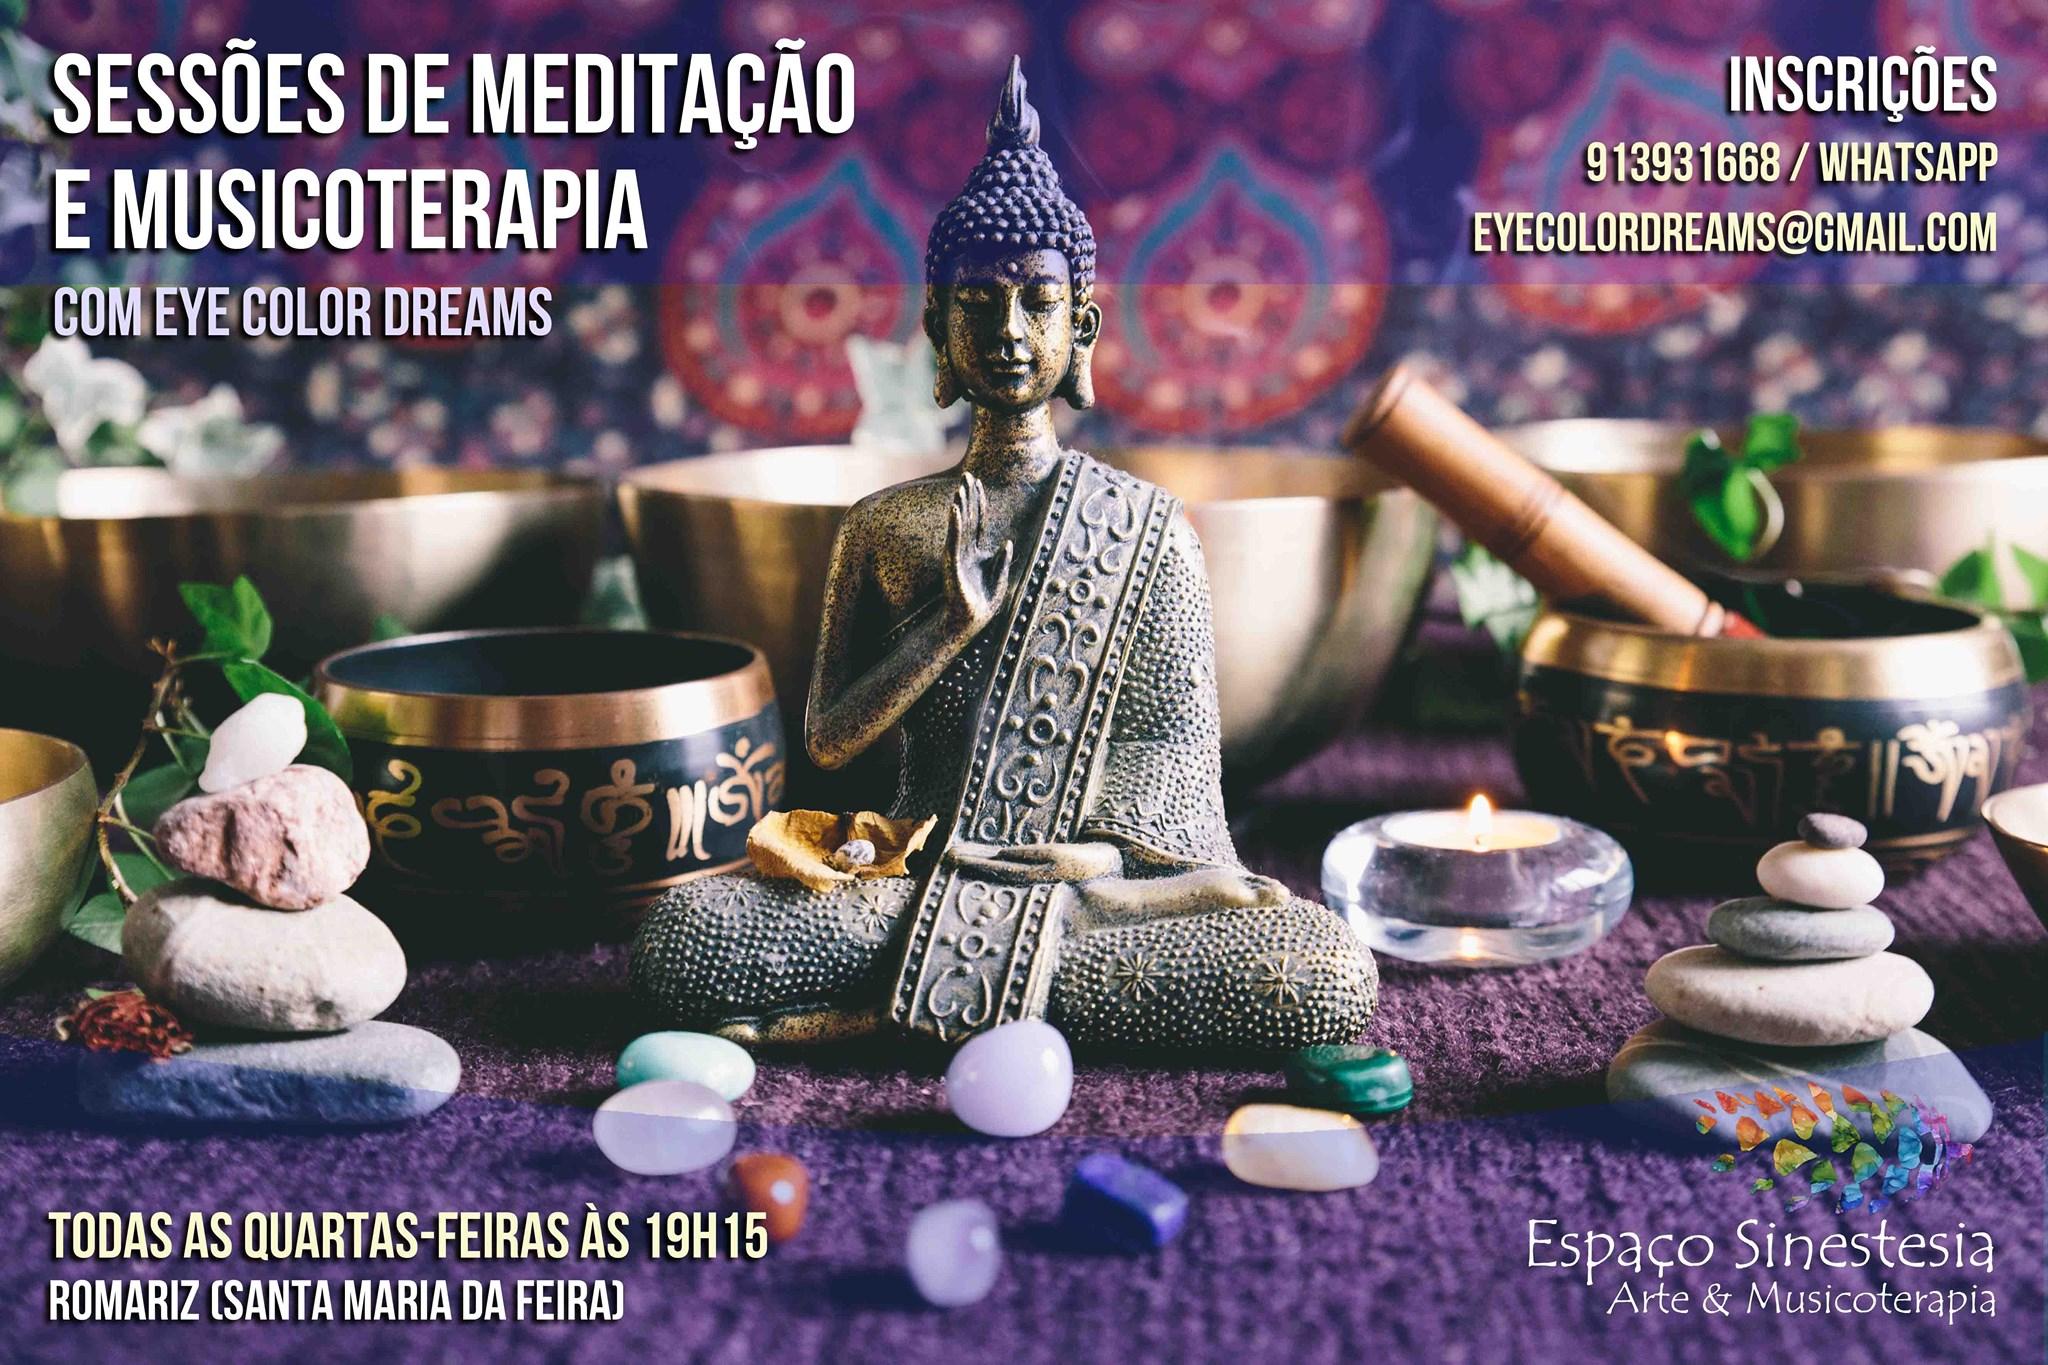 Sessões de Meditação e Musicoterapia (Presenciais)